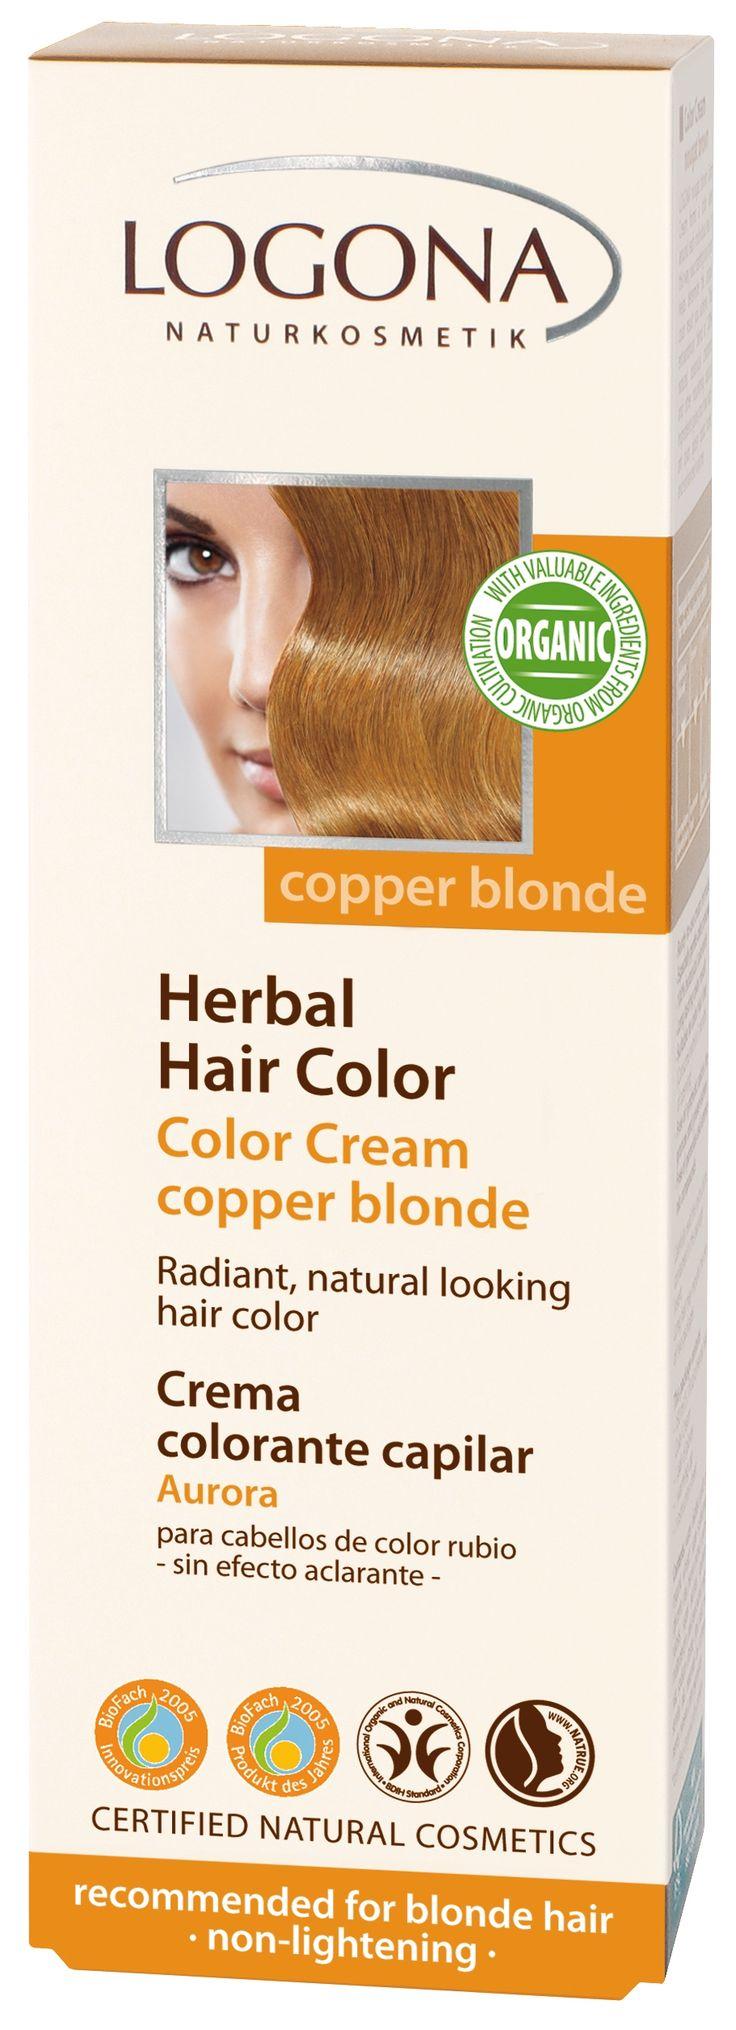 Logona Sarı & Kahve Renkli Saçlar için Kızıl Sarı Bitkisel Krem Boya - Indian Summer 150 ml.